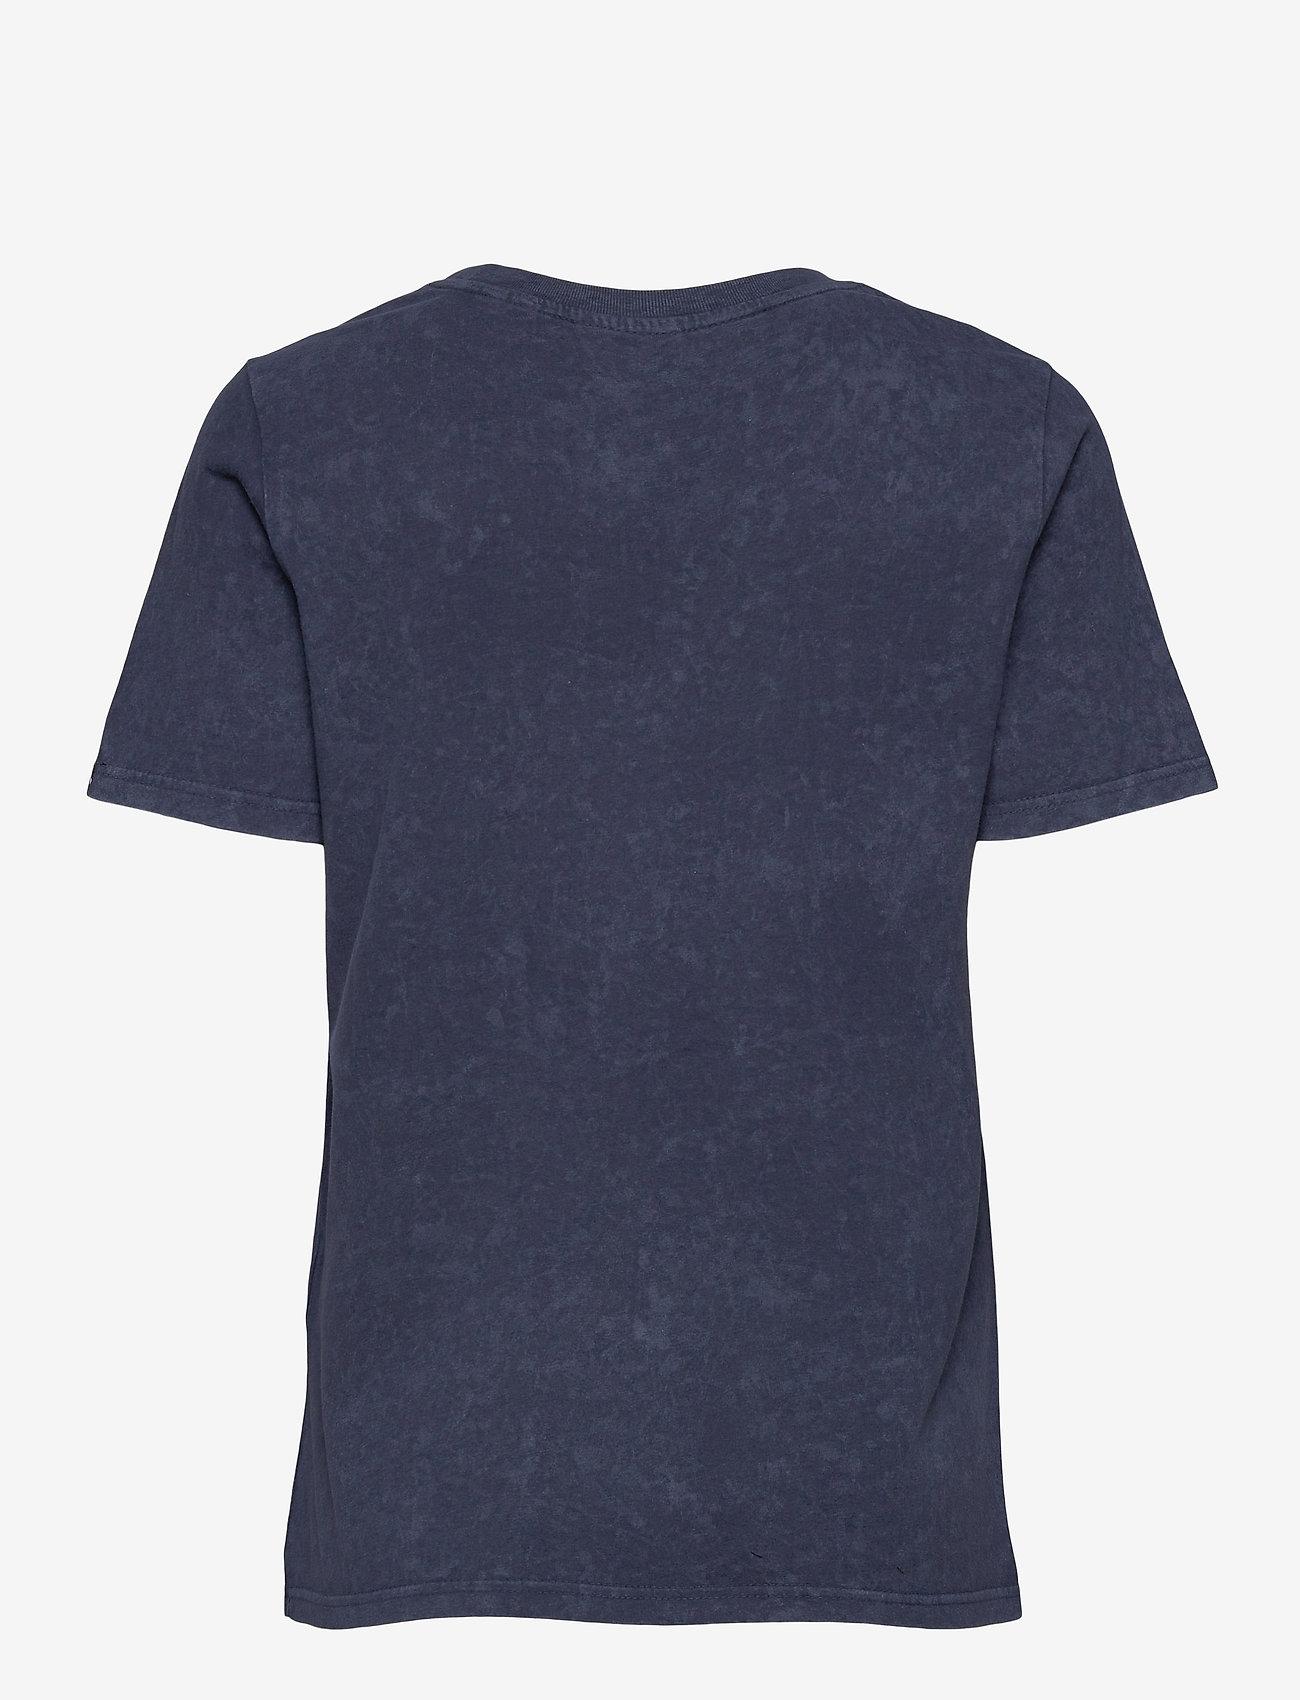 Superdry - VL ITAGO TEE - t-shirts - lauren navy - 1